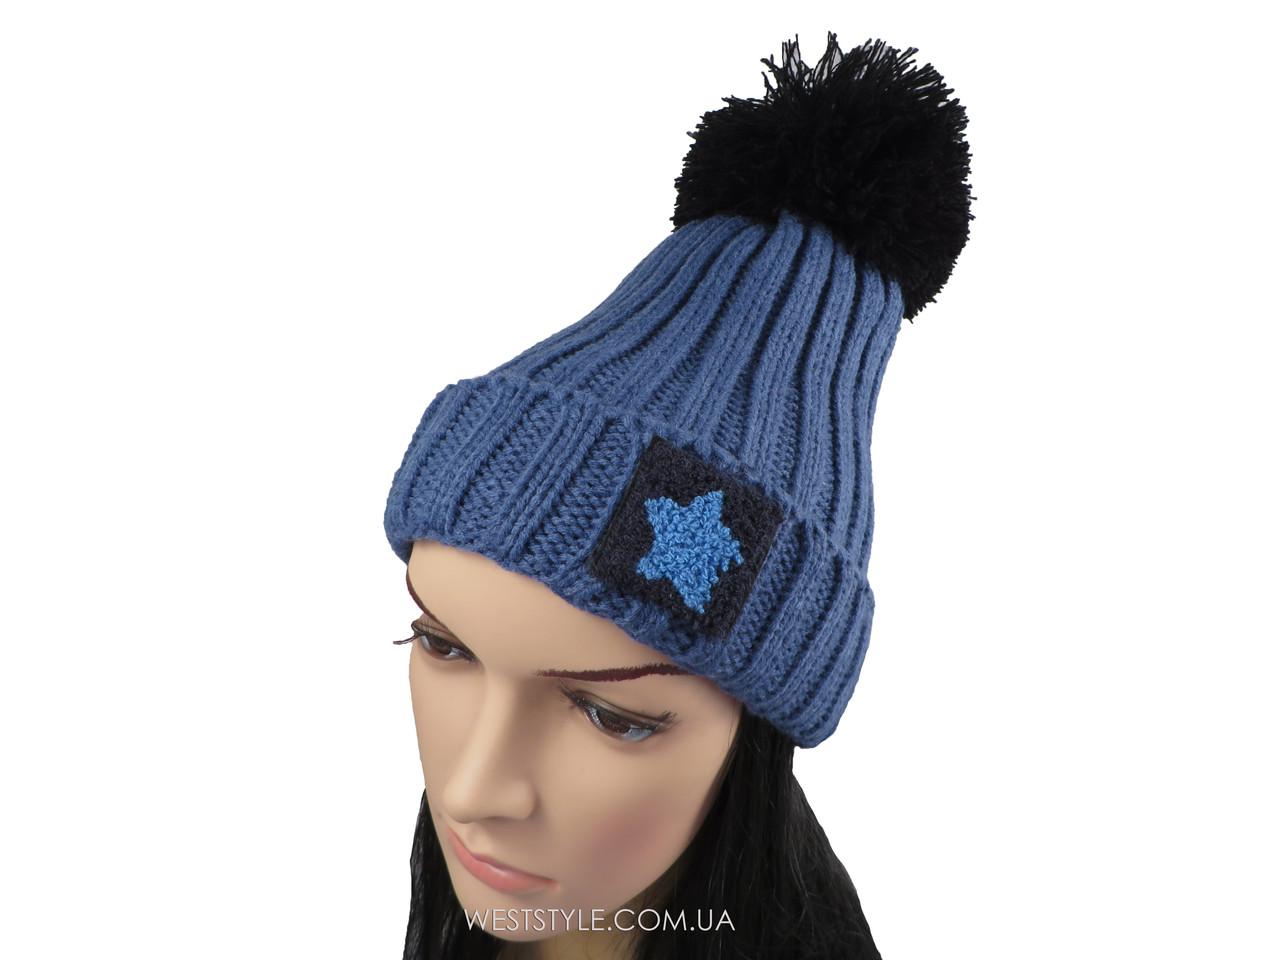 Темно-синяя шапка Hot с помпоном